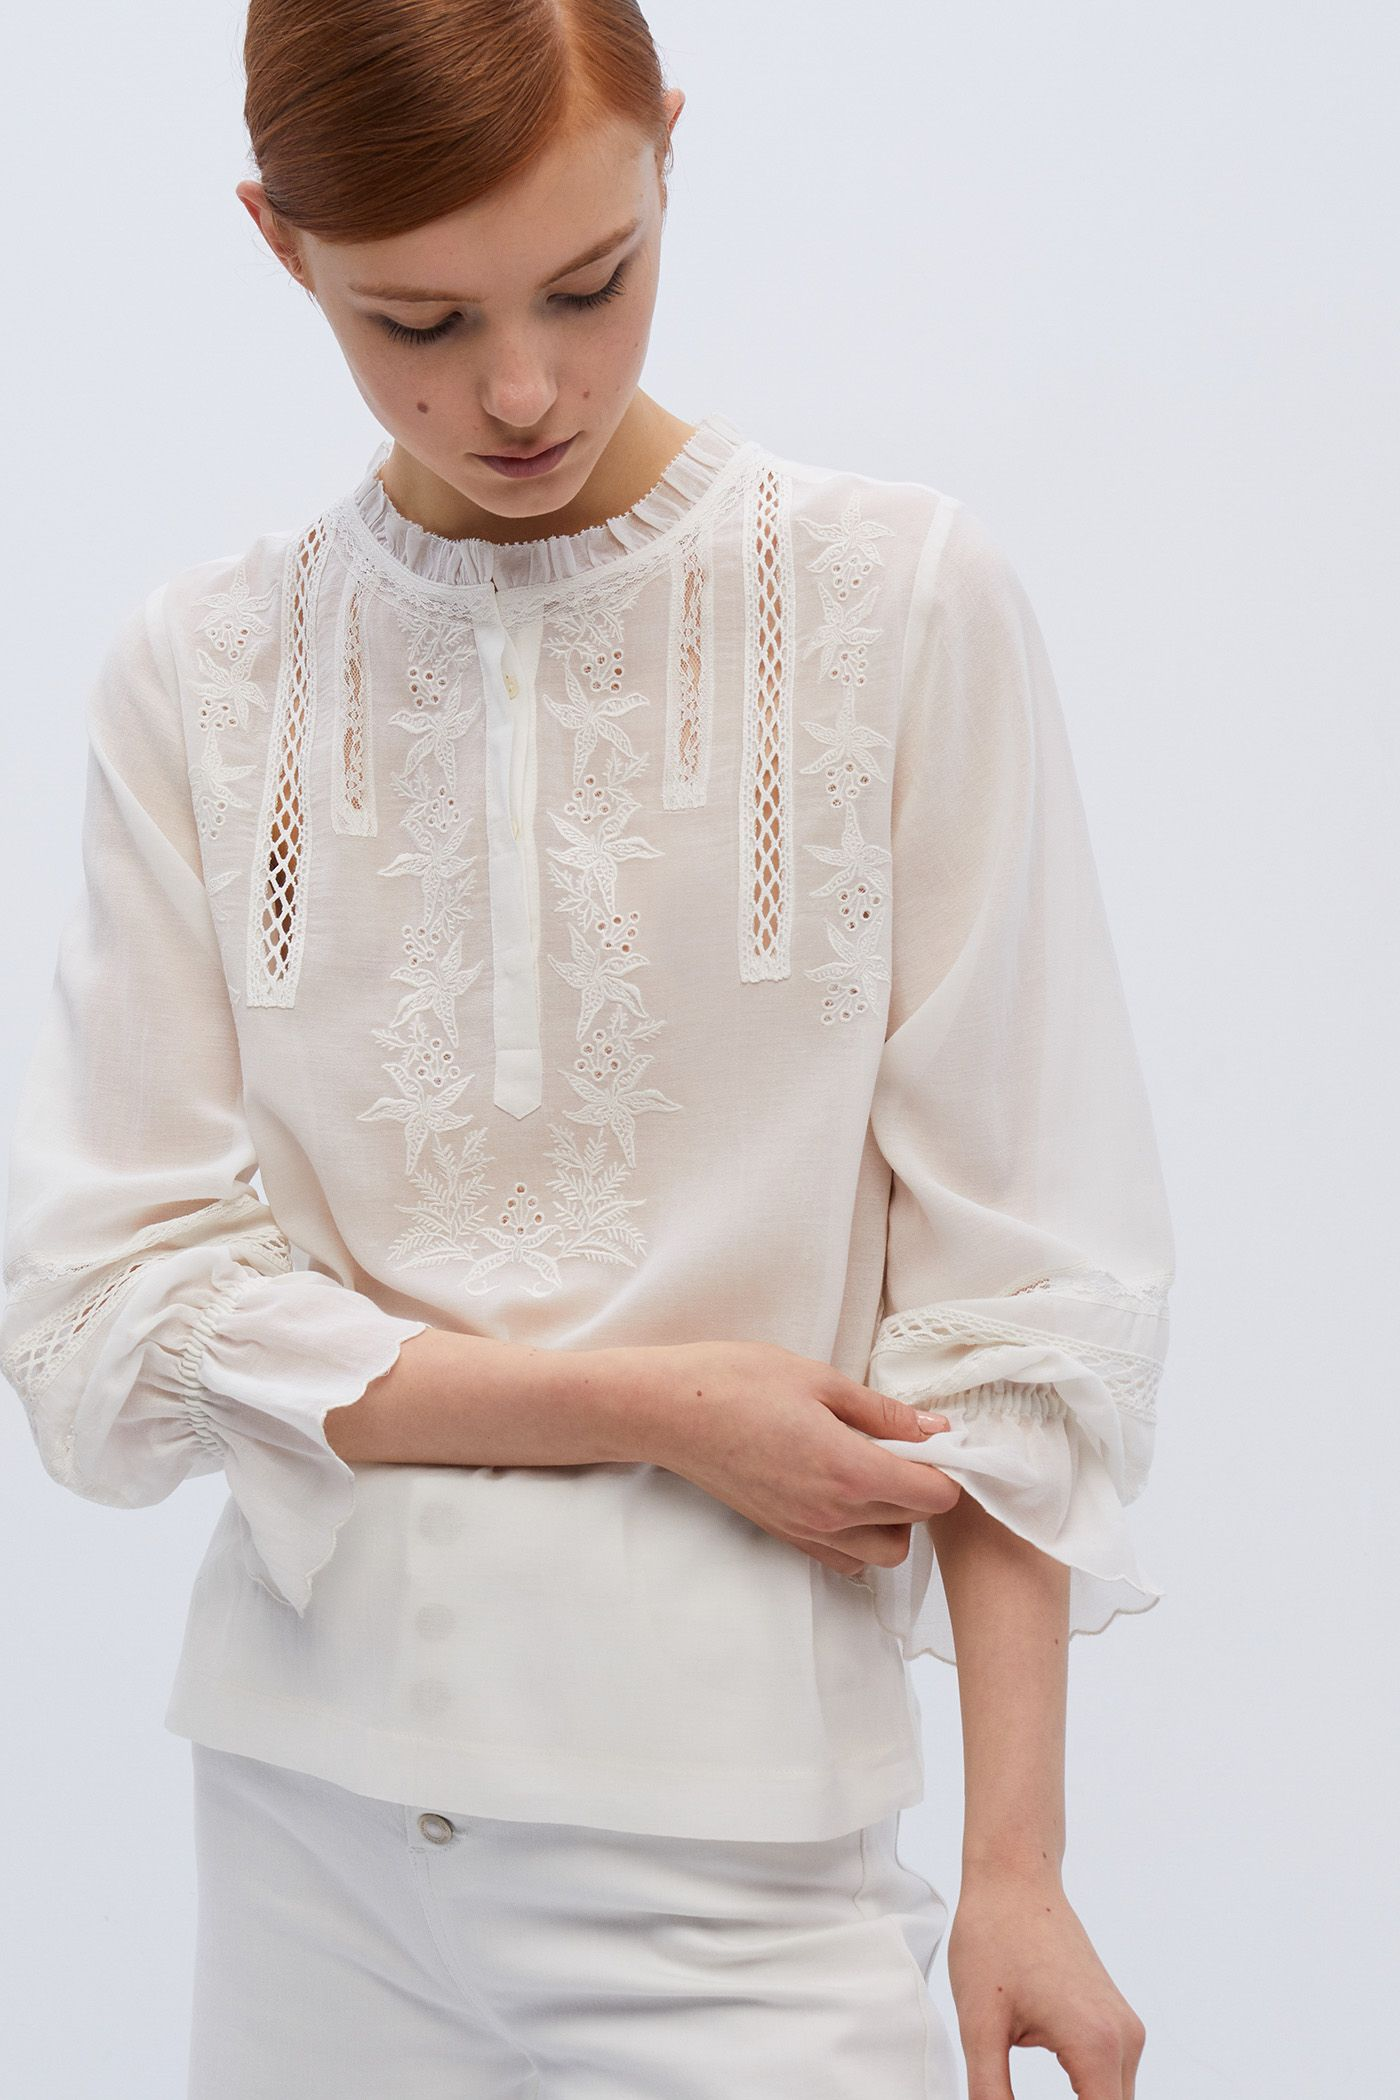 غير ضروري غلاف عادي رخيص Camiseta Blanca Sfera Natural Soap Directory Org